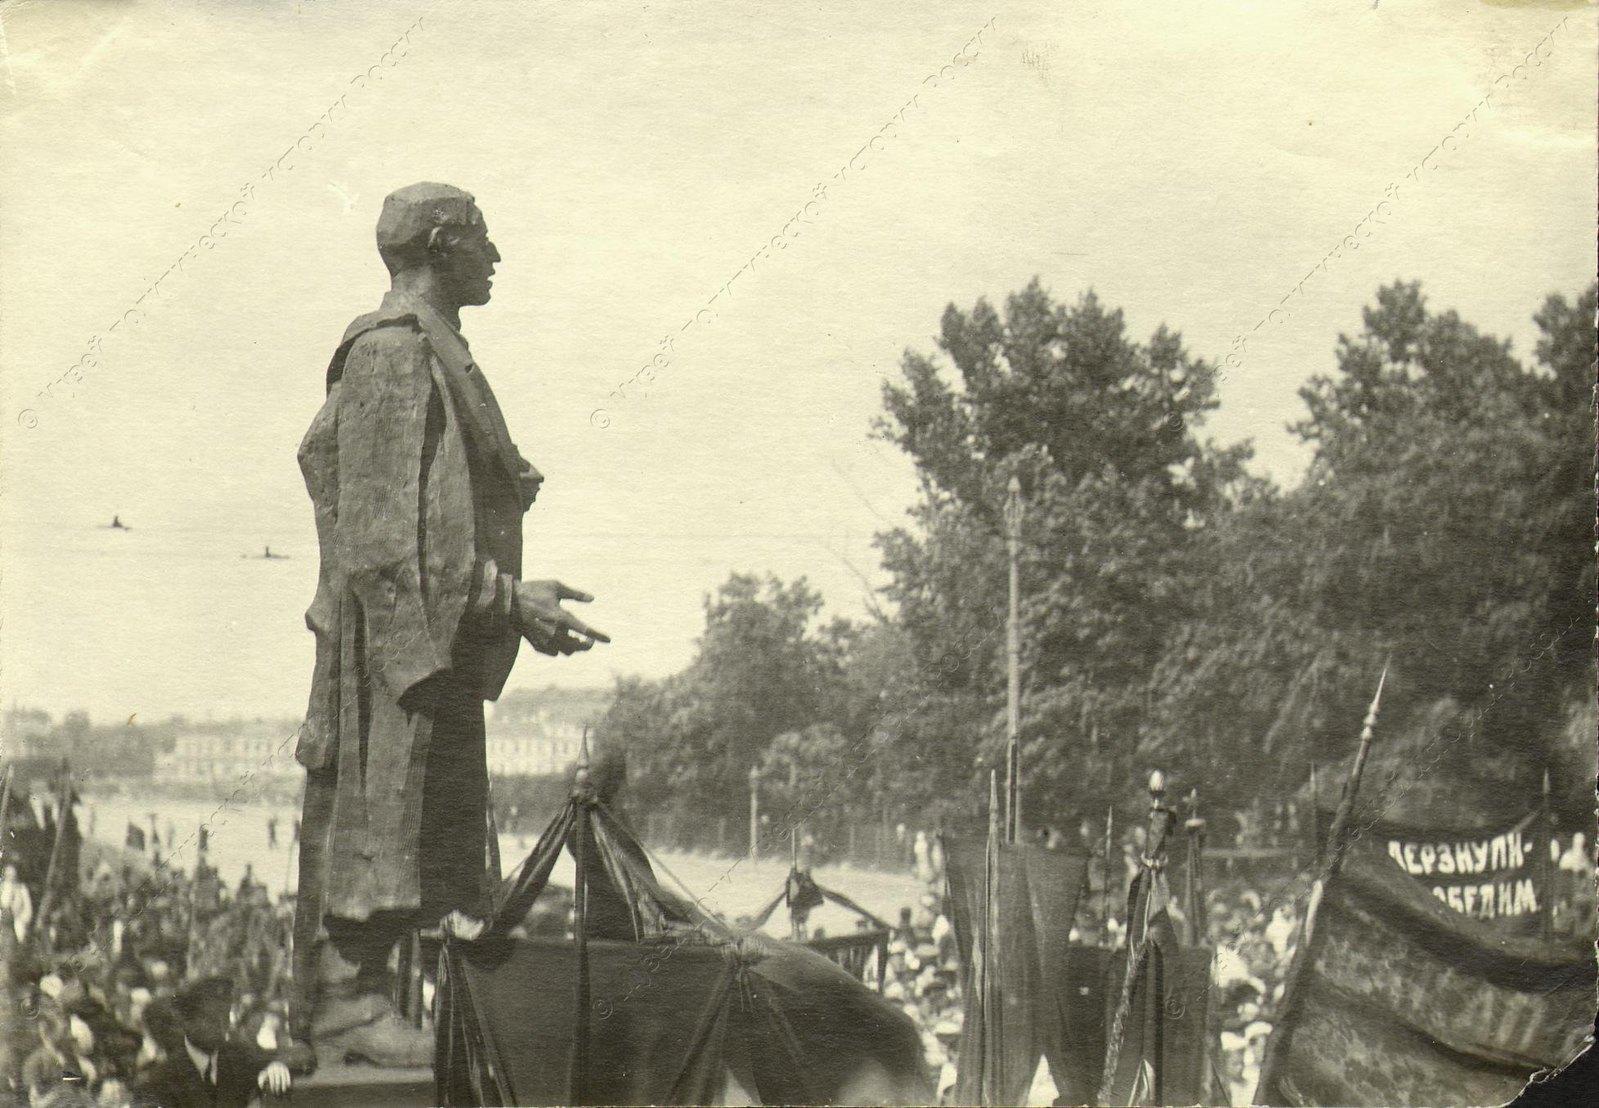 1918. Открытие временного памятника Володарскому на бульваре Профсоюзов